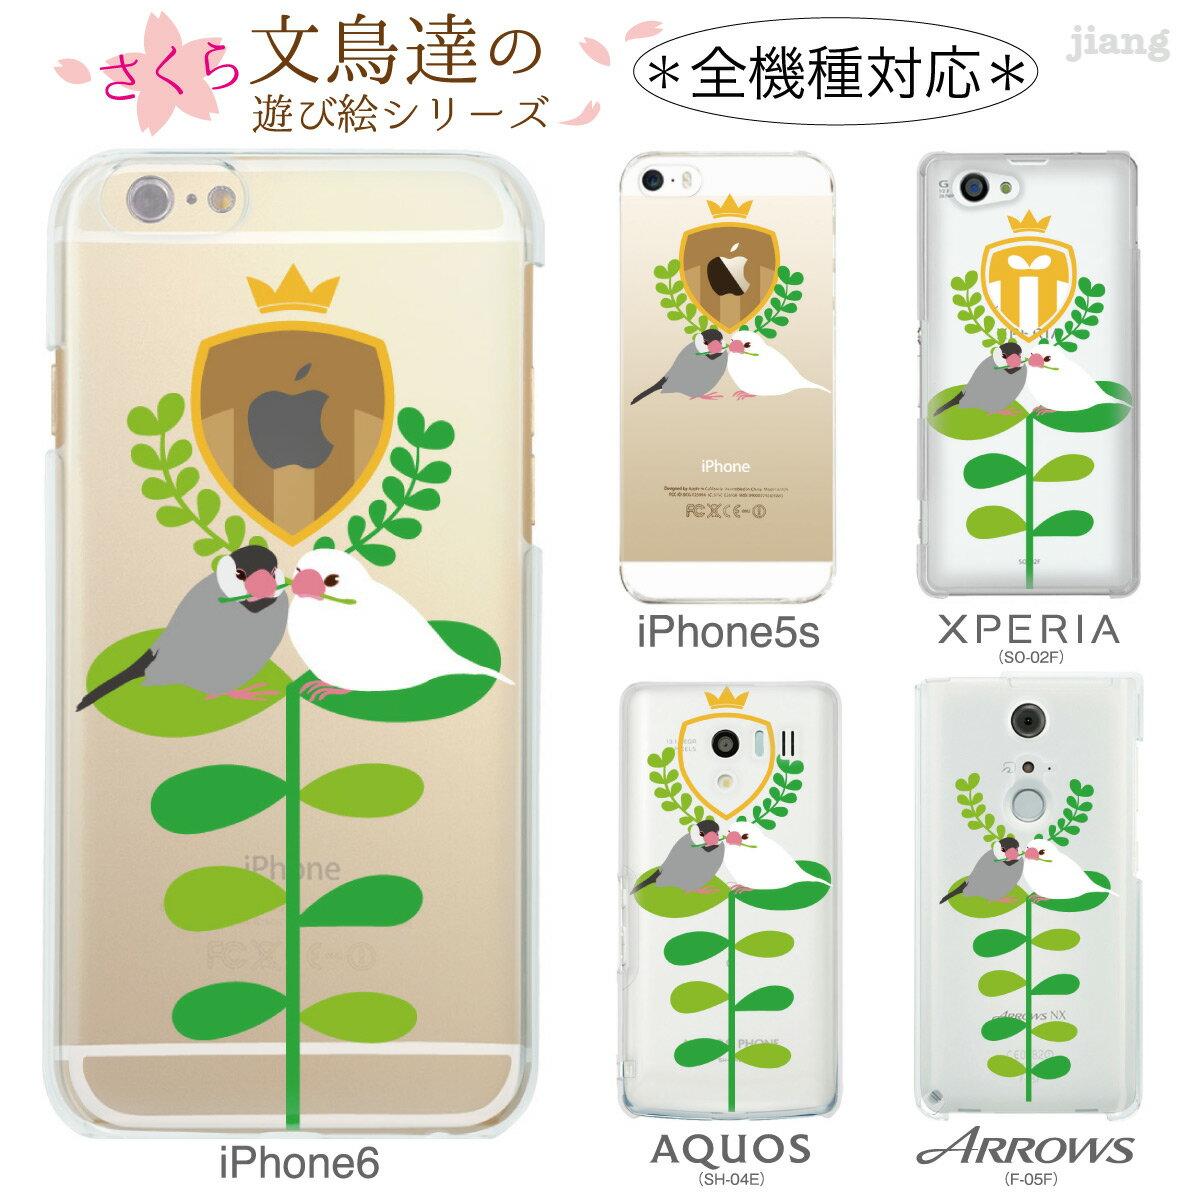 スマホケース 全機種対応 ケース カバー ハードケース クリアケース iPhoneX iPhone8 Plus iPhone7 iPhone6s iPhone6 Plus iPhone SE 5s Xperia XZ2 XZ1 XZ XZs SO-05K SO-03K aquos R2 R SH-03K SHV42 galaxy S9 S8 桜文鳥 鳥 アニマル yoshino 38-zen-ca0606